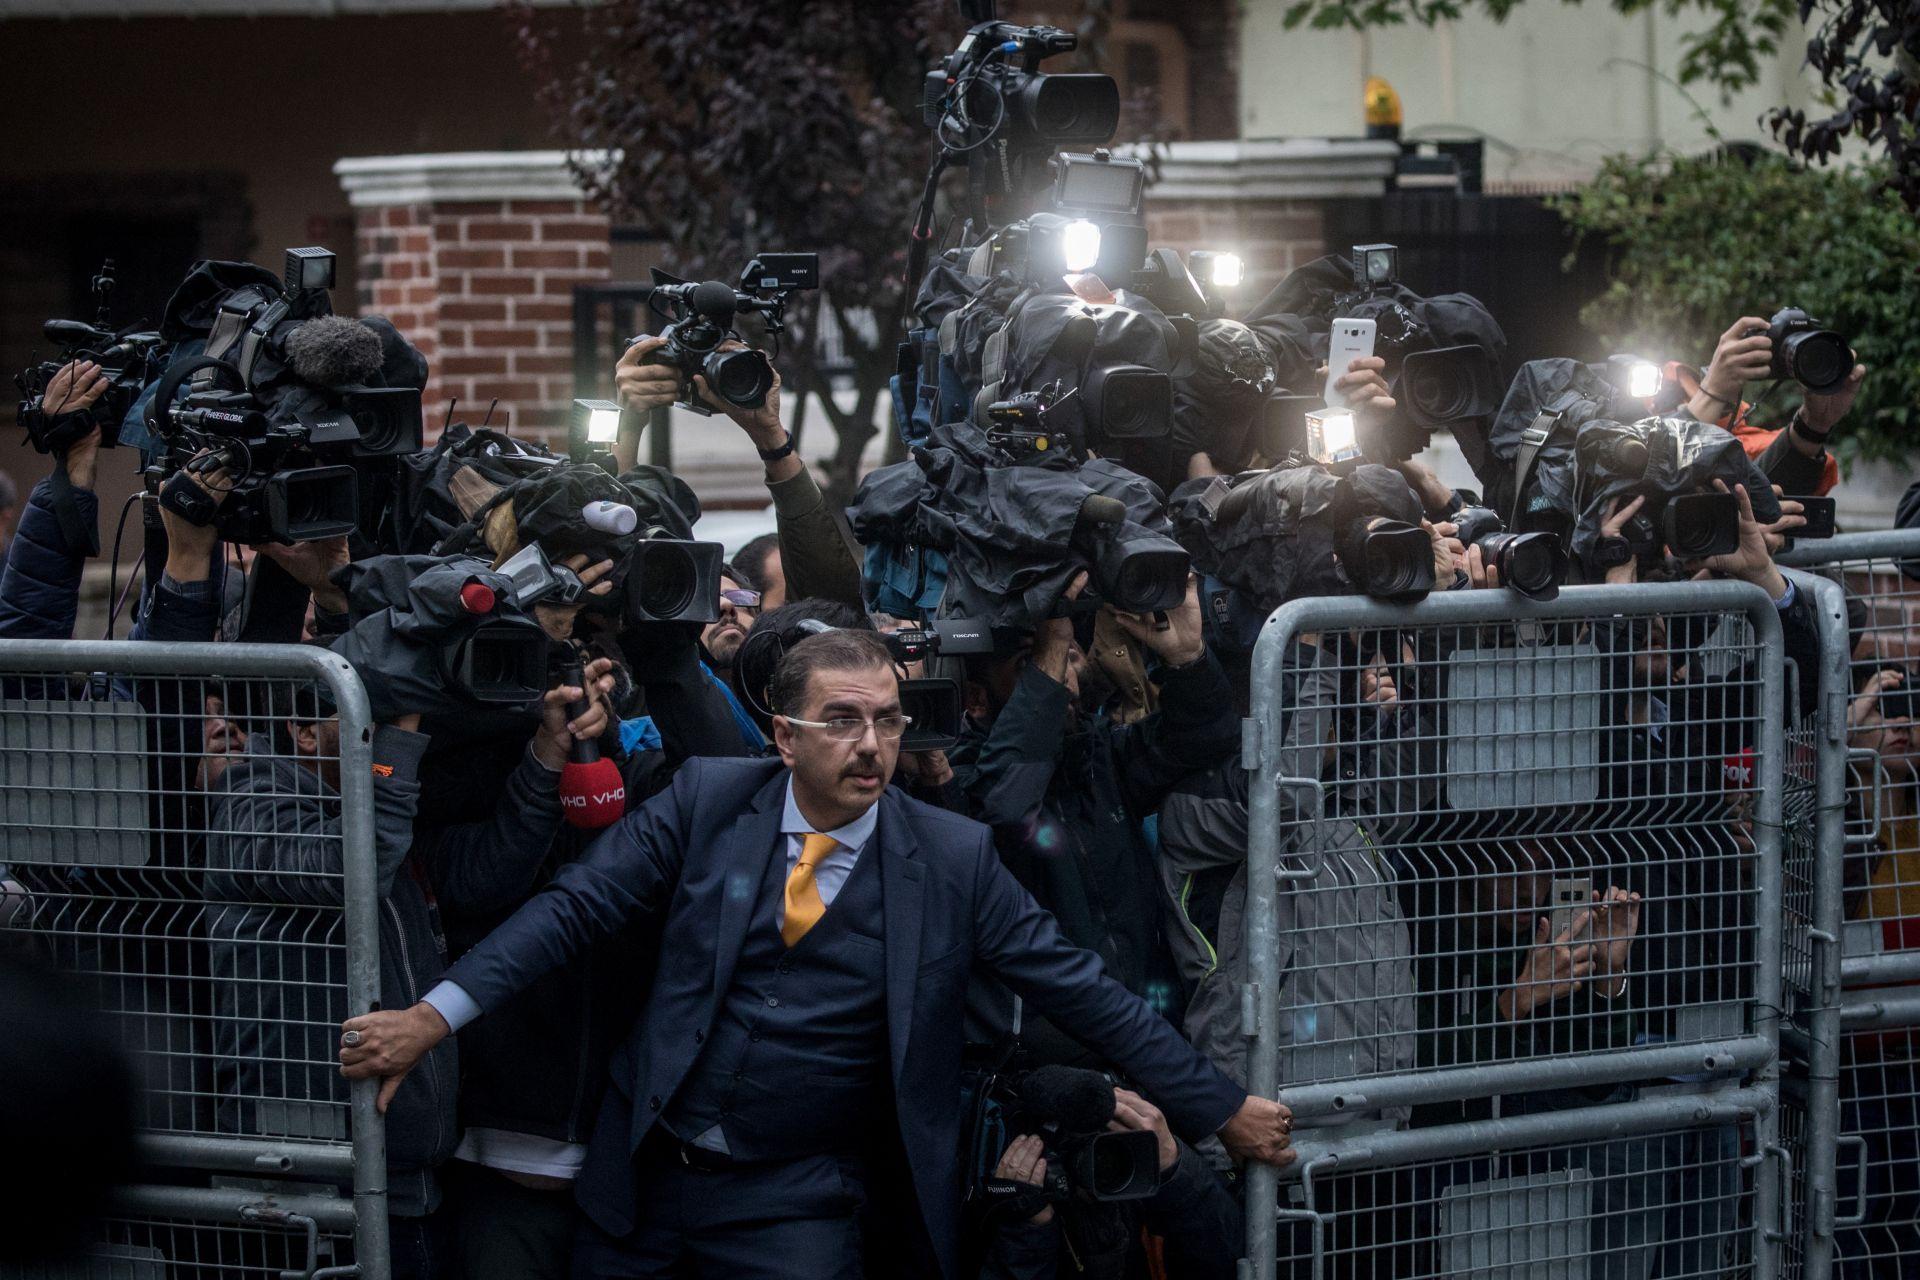 15 октомври: Турция извърши обиск в саудитското консулство в Истанбул заради убийството на Кашоги, Мъж се опитва да задържи журналистите